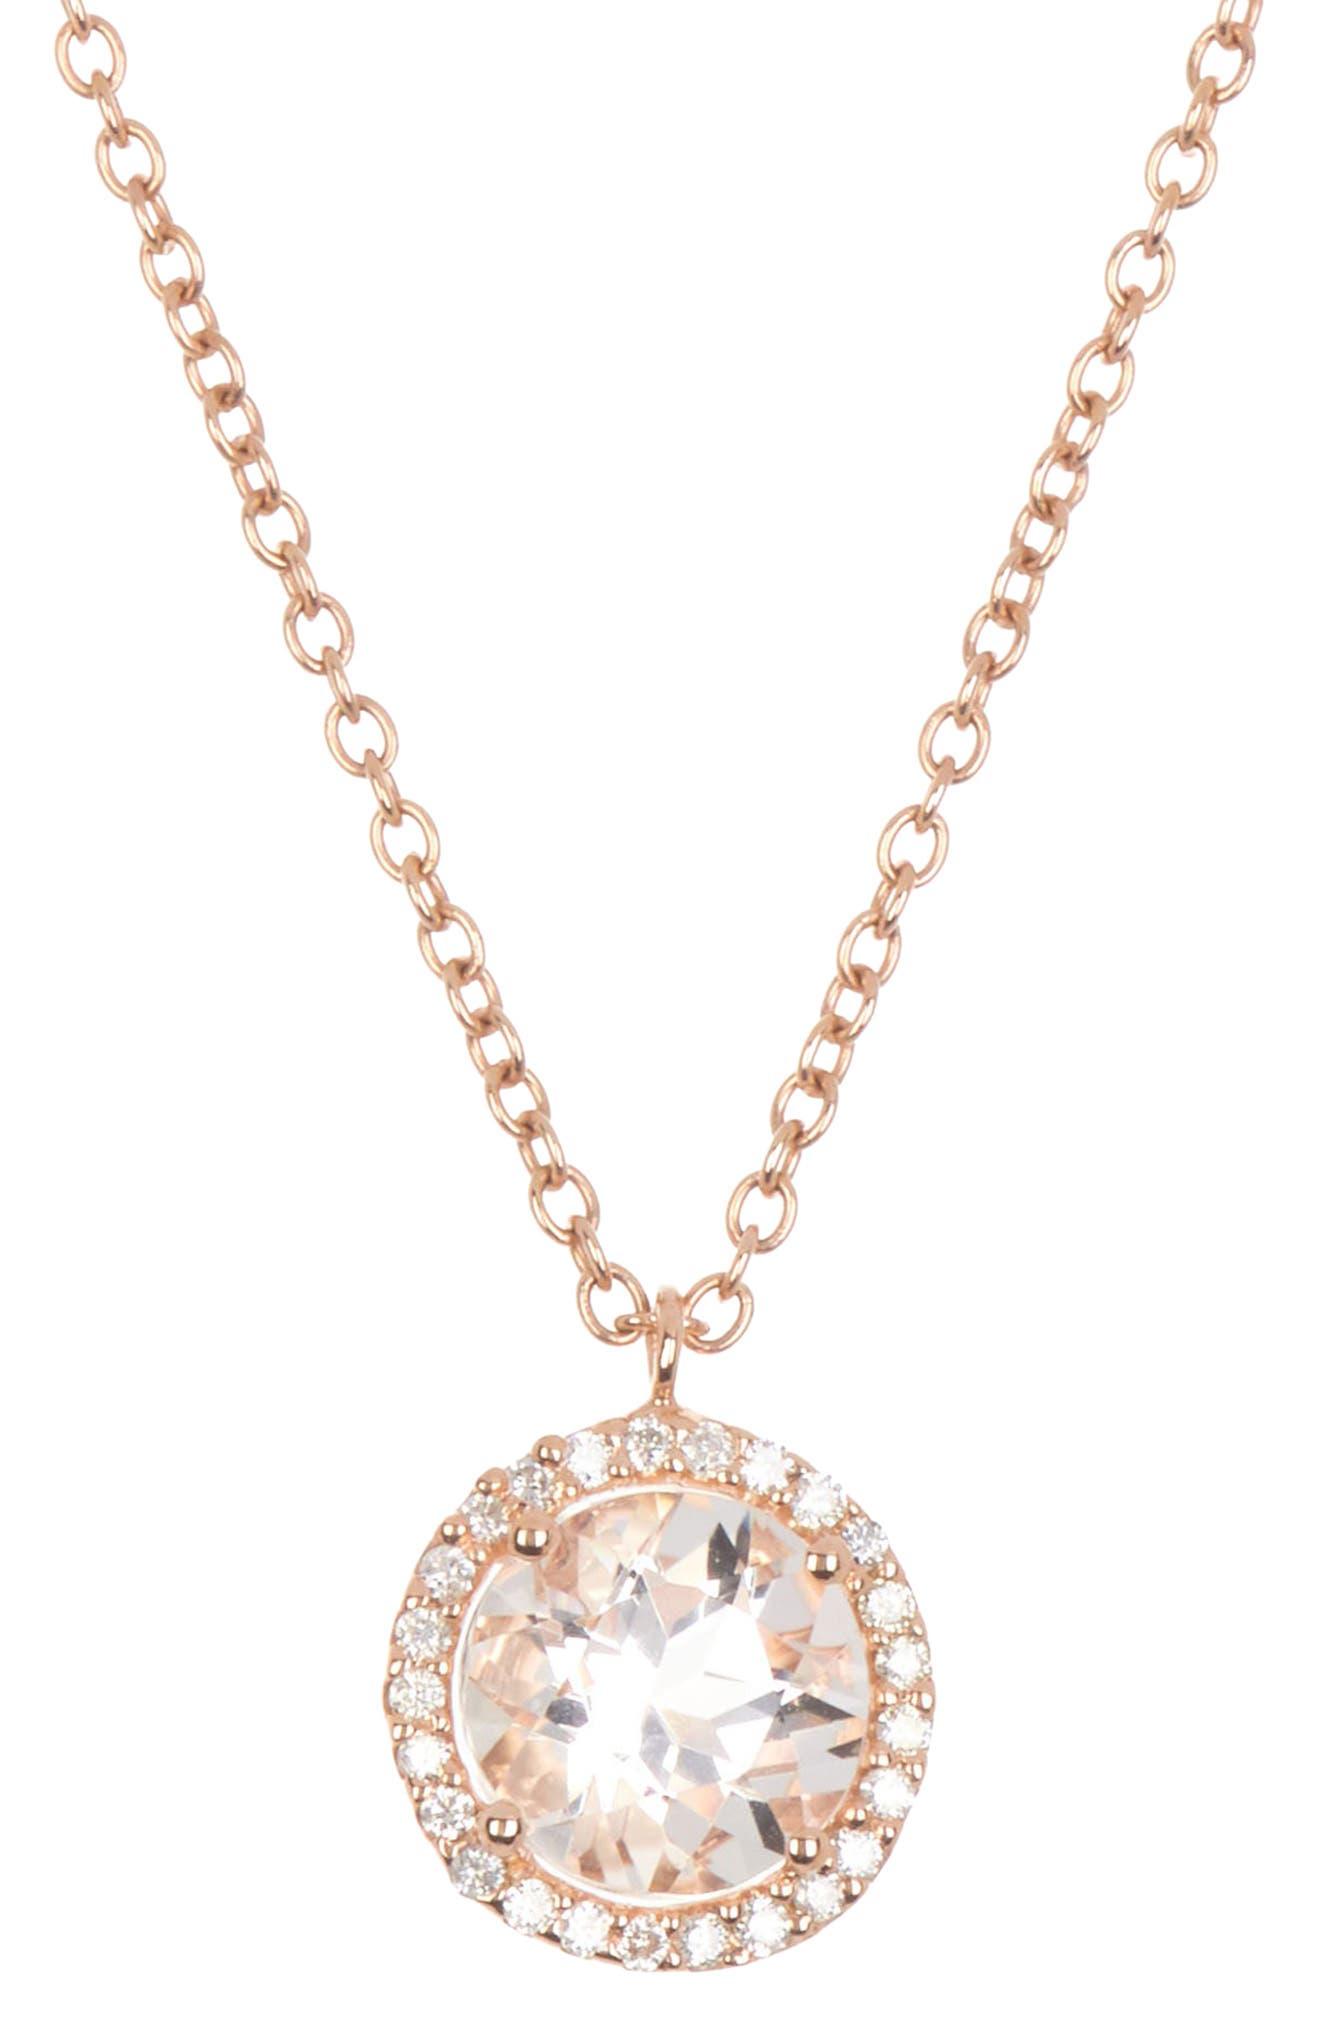 Meira T 14k Rose Pink Gold Morganite Necklace